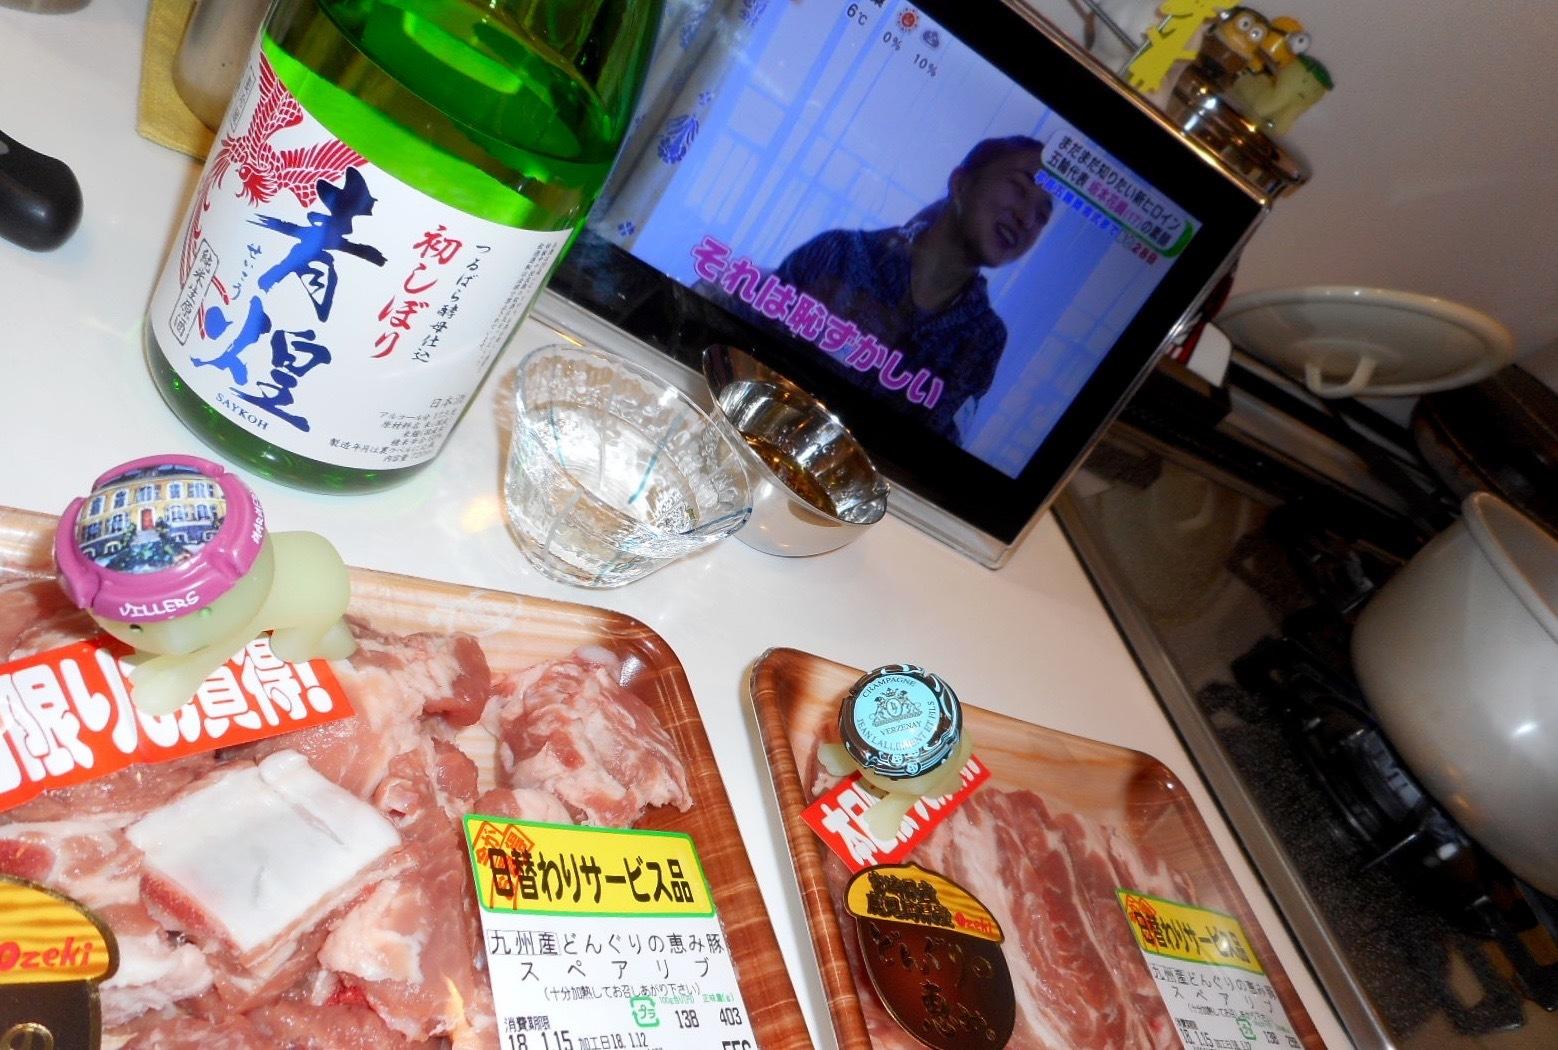 seikou_hatsushibori29by6.jpg